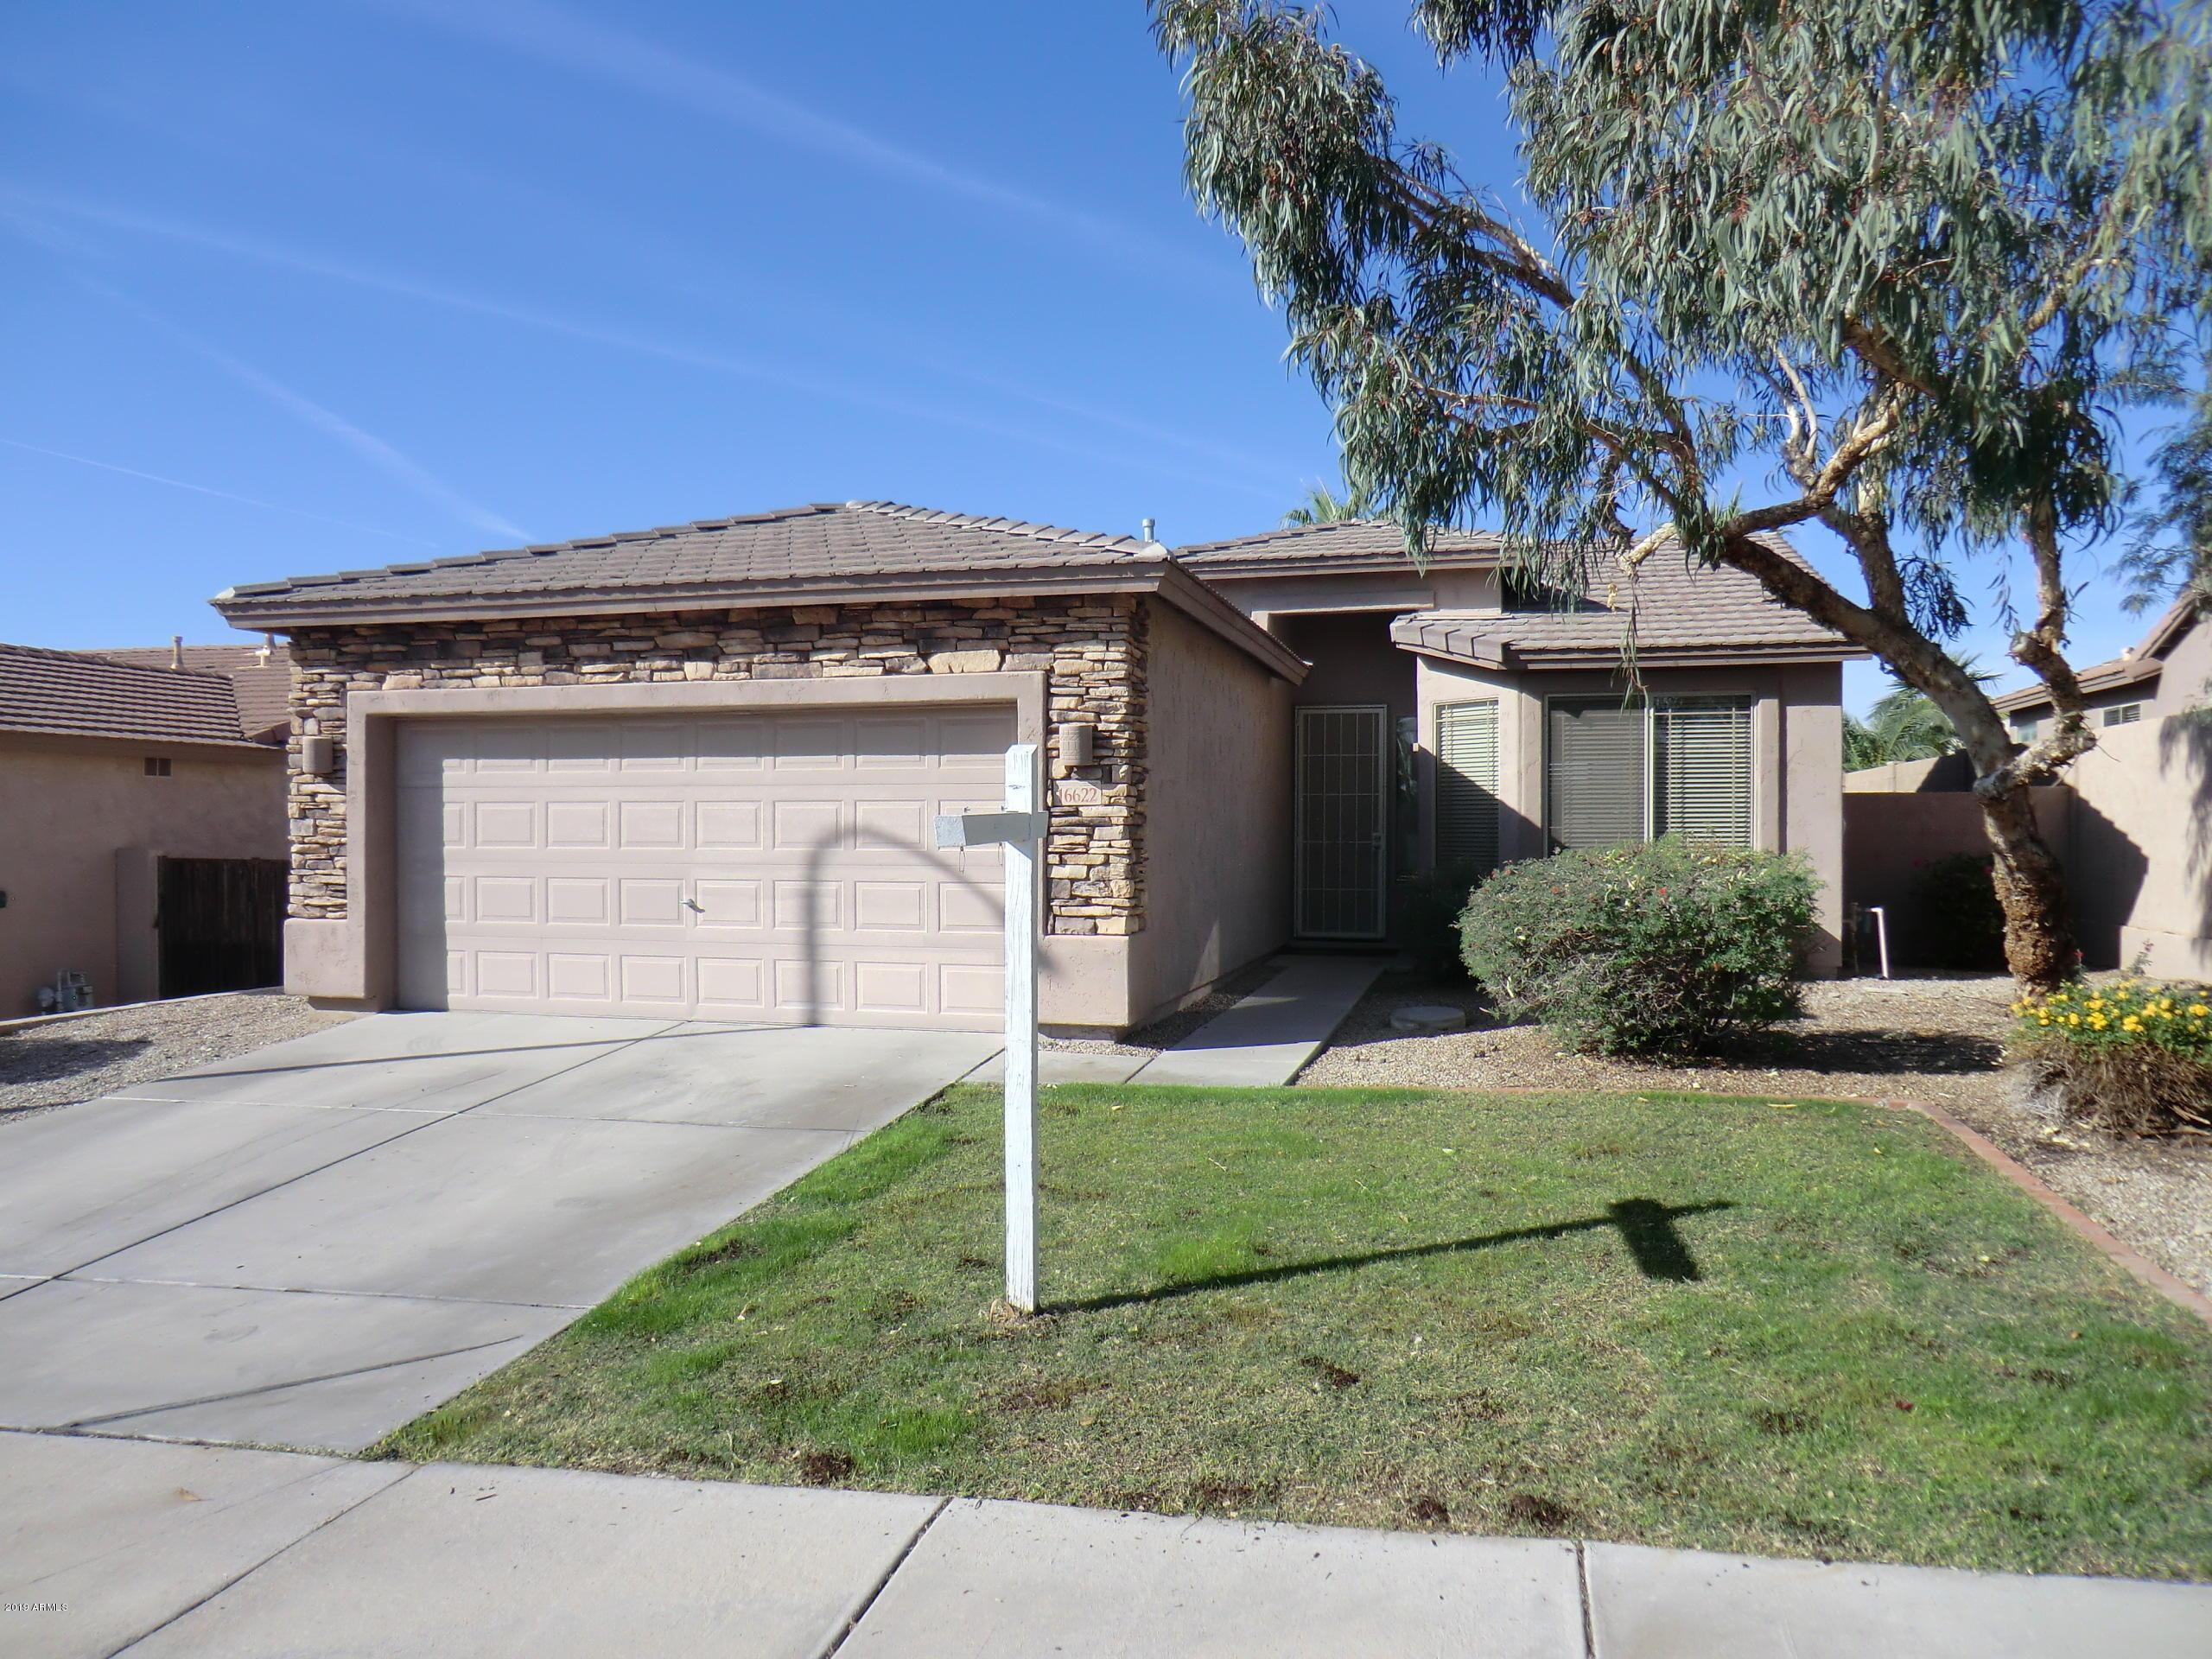 Photo of 16622 S 16TH Lane, Phoenix, AZ 85045